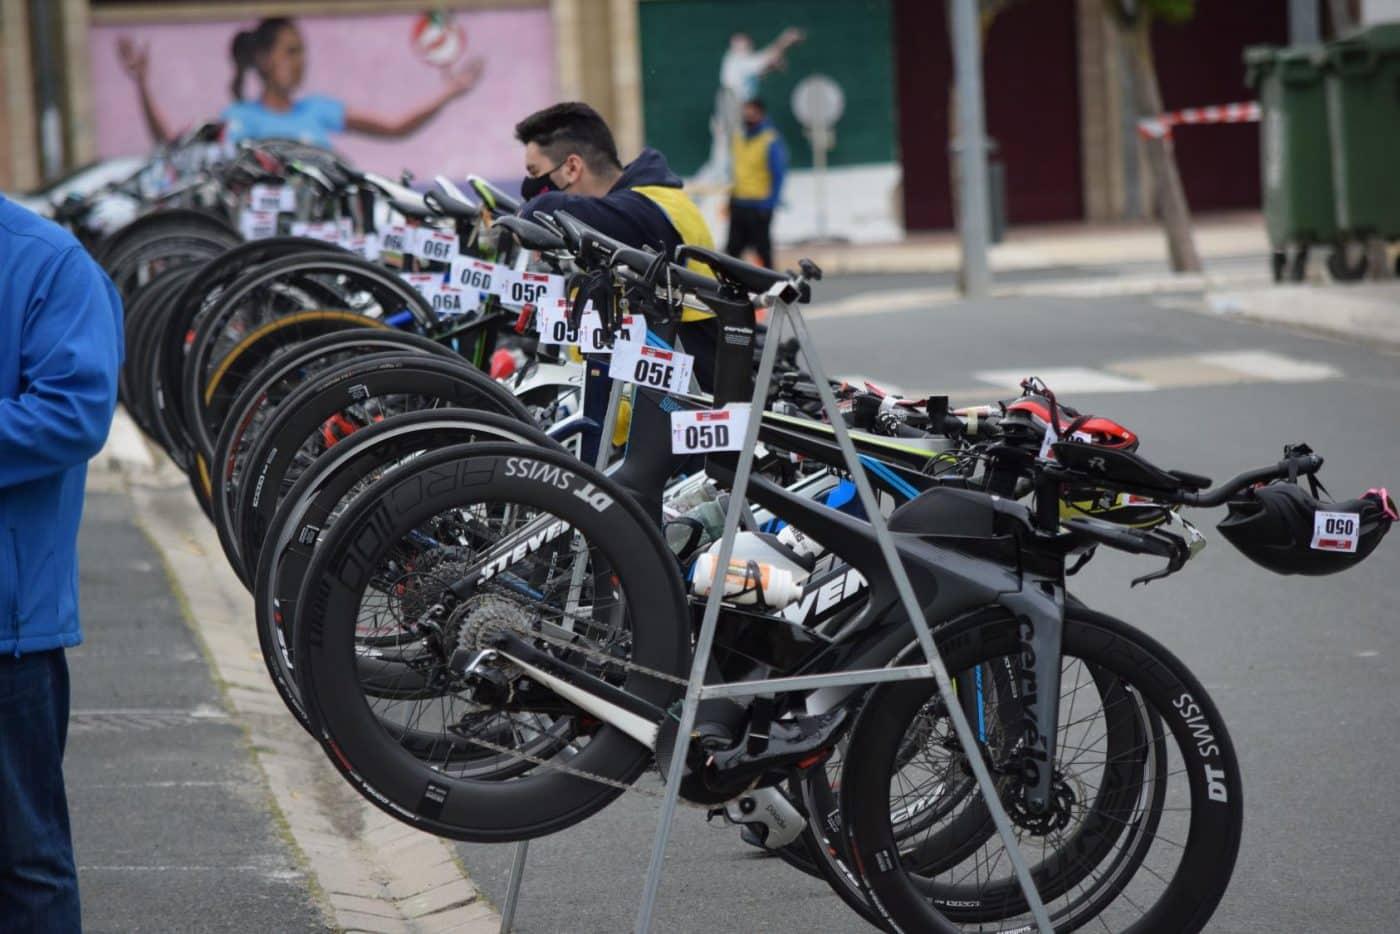 FOTOS: Tritones y Cafés Foronda se imponen en el I Duatlón de Haro 5